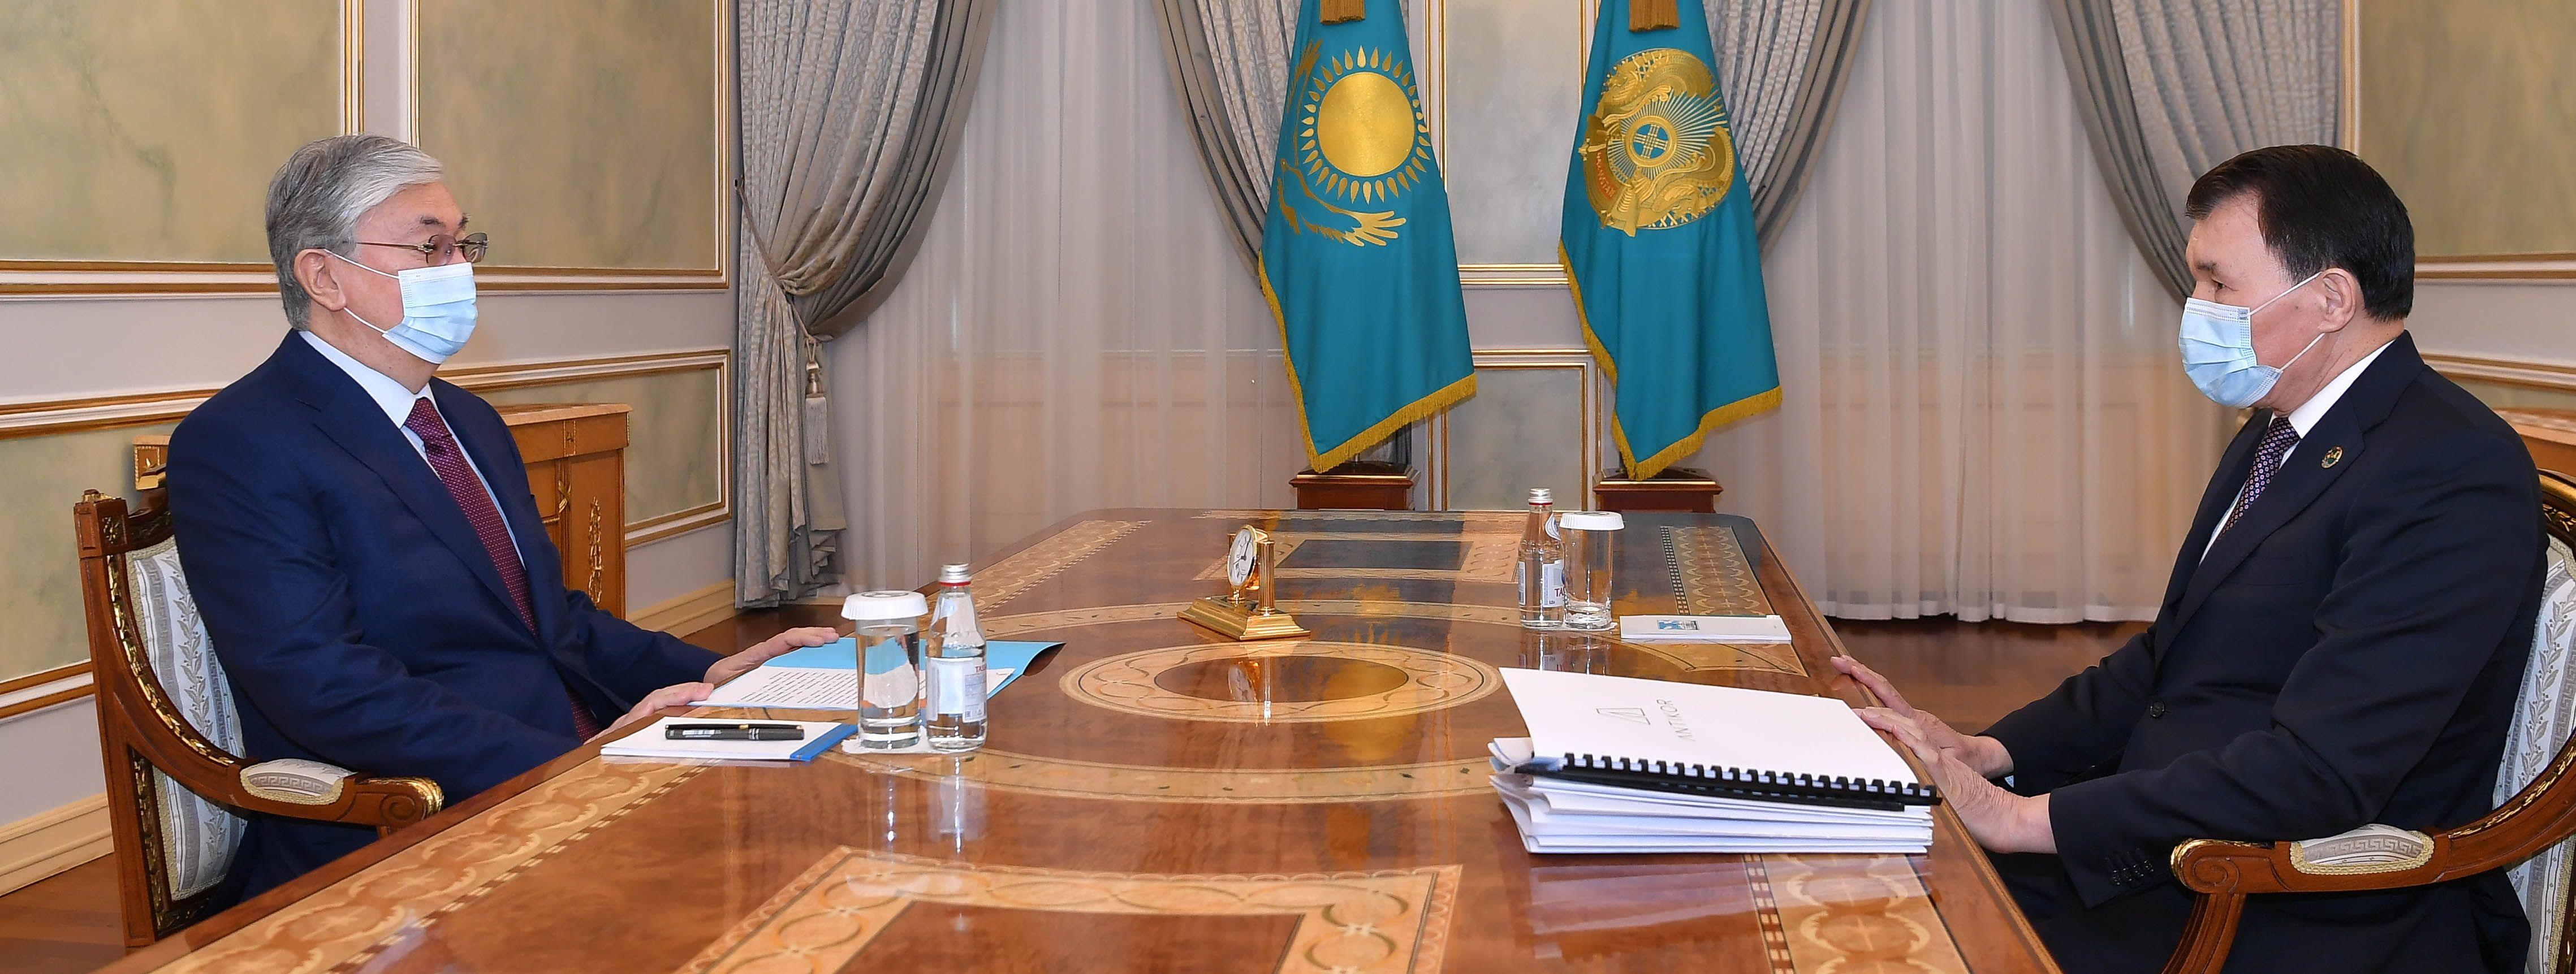 Алик Шпекбаев доложил президенту о результатах работы за год - Kapital.kz